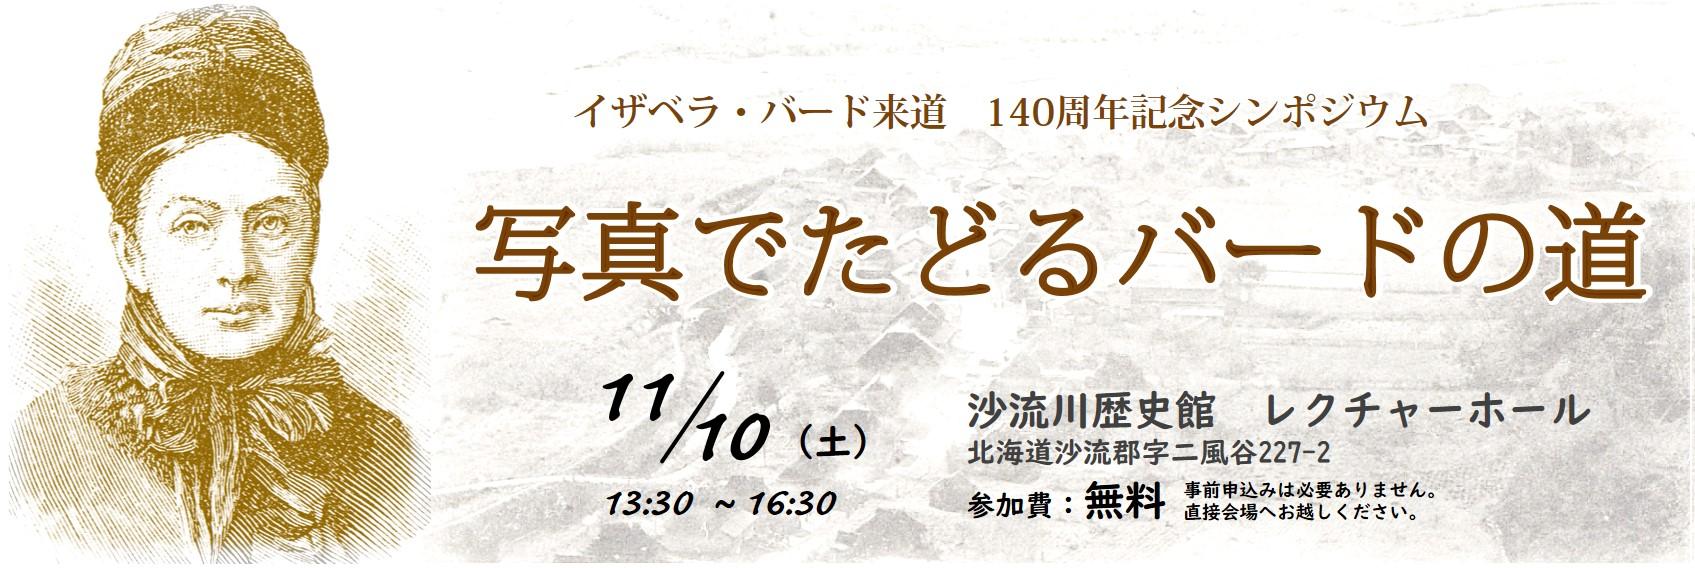 イザベラ・バード来道 140周年記念シンポジウムを開催します!